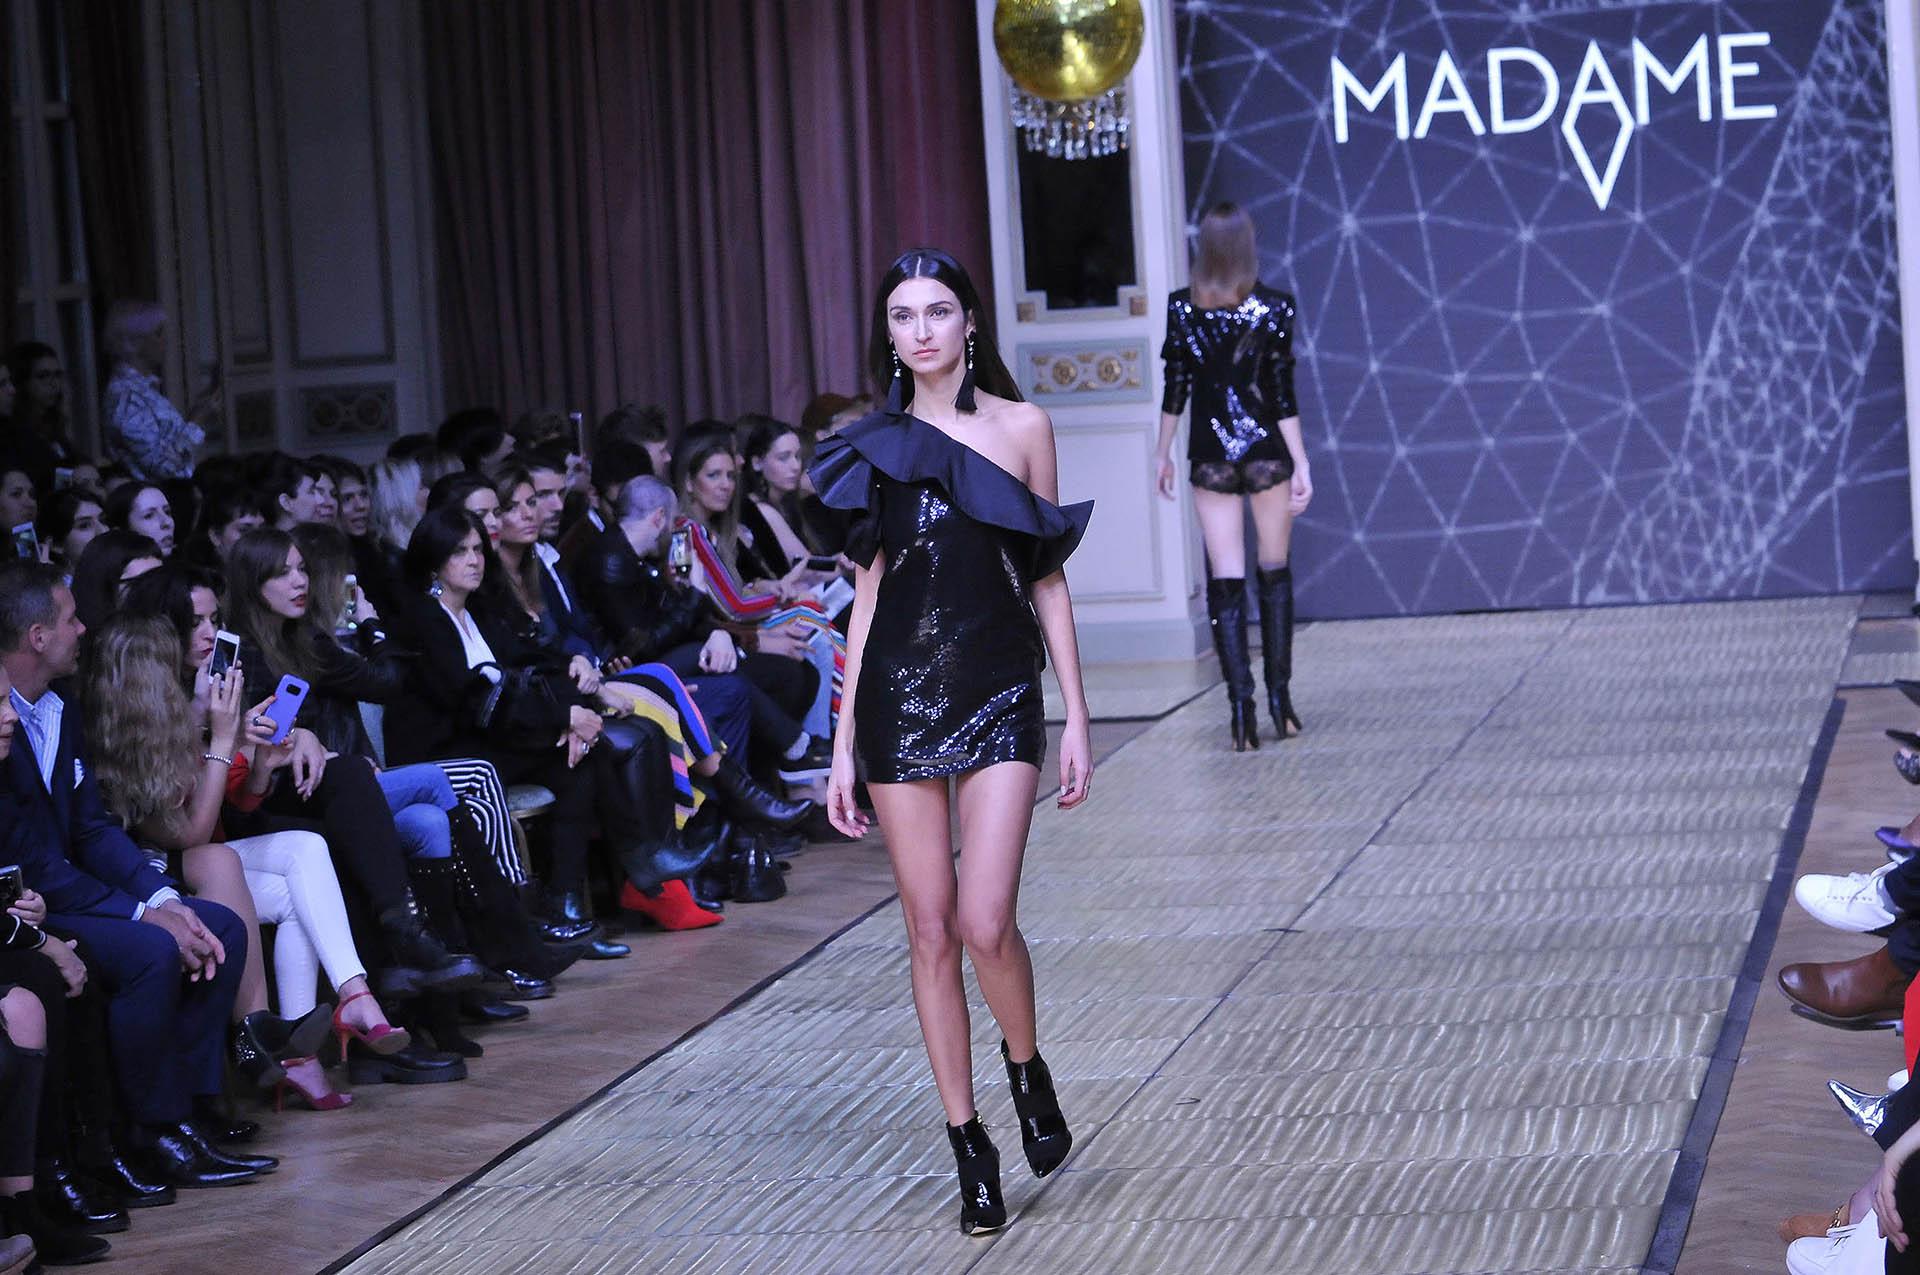 En los diseños predominaron las telas brillosas, los escotes pronunciados, las prendas de cuero, así como los monos y vestidos largos y cortos